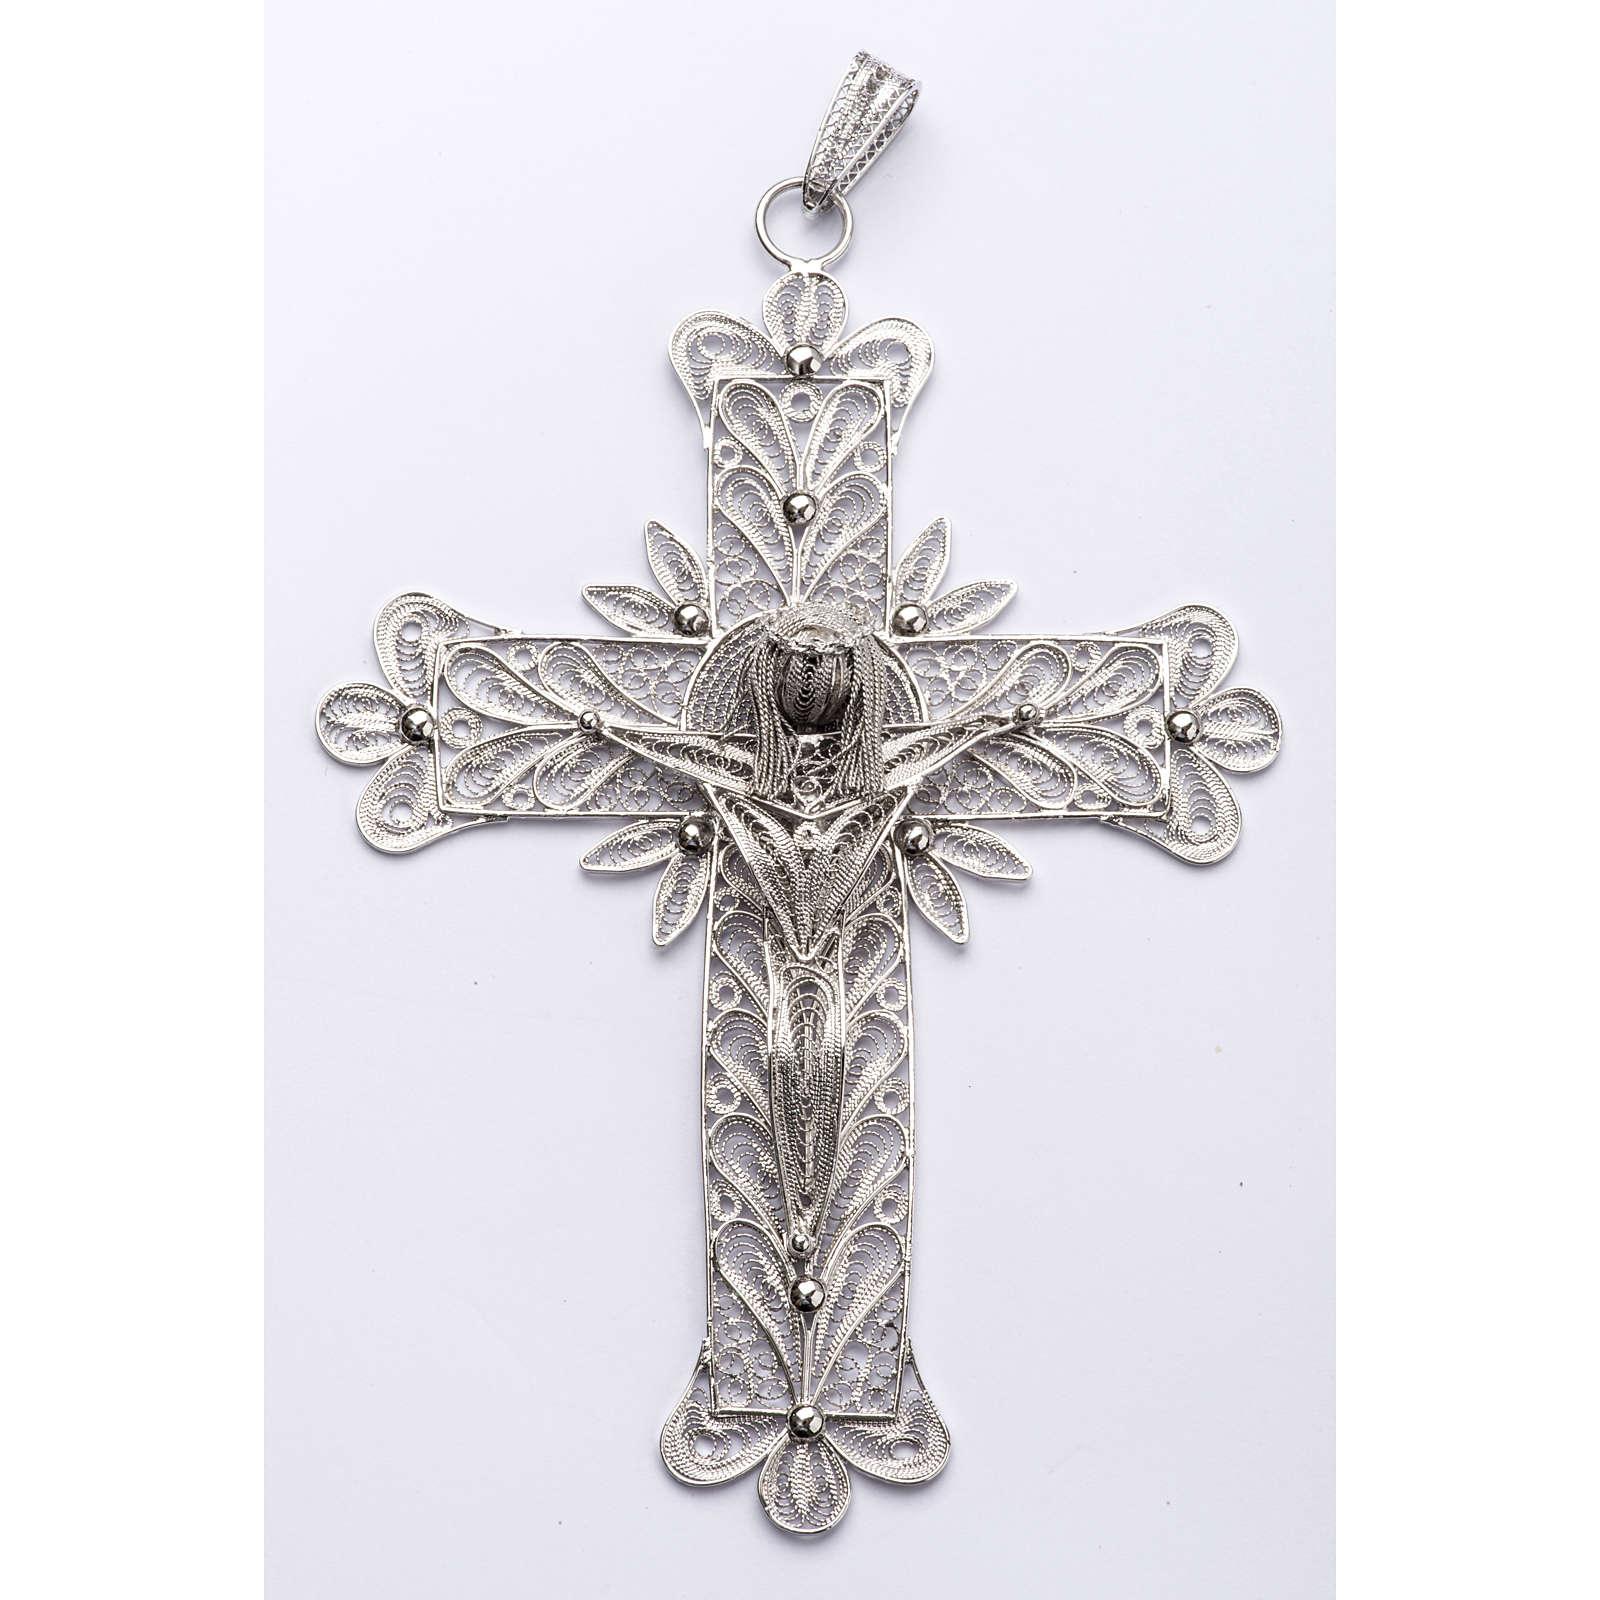 Croce vescovile Corpo di Cristo stilizzato filig. arg. 800 3